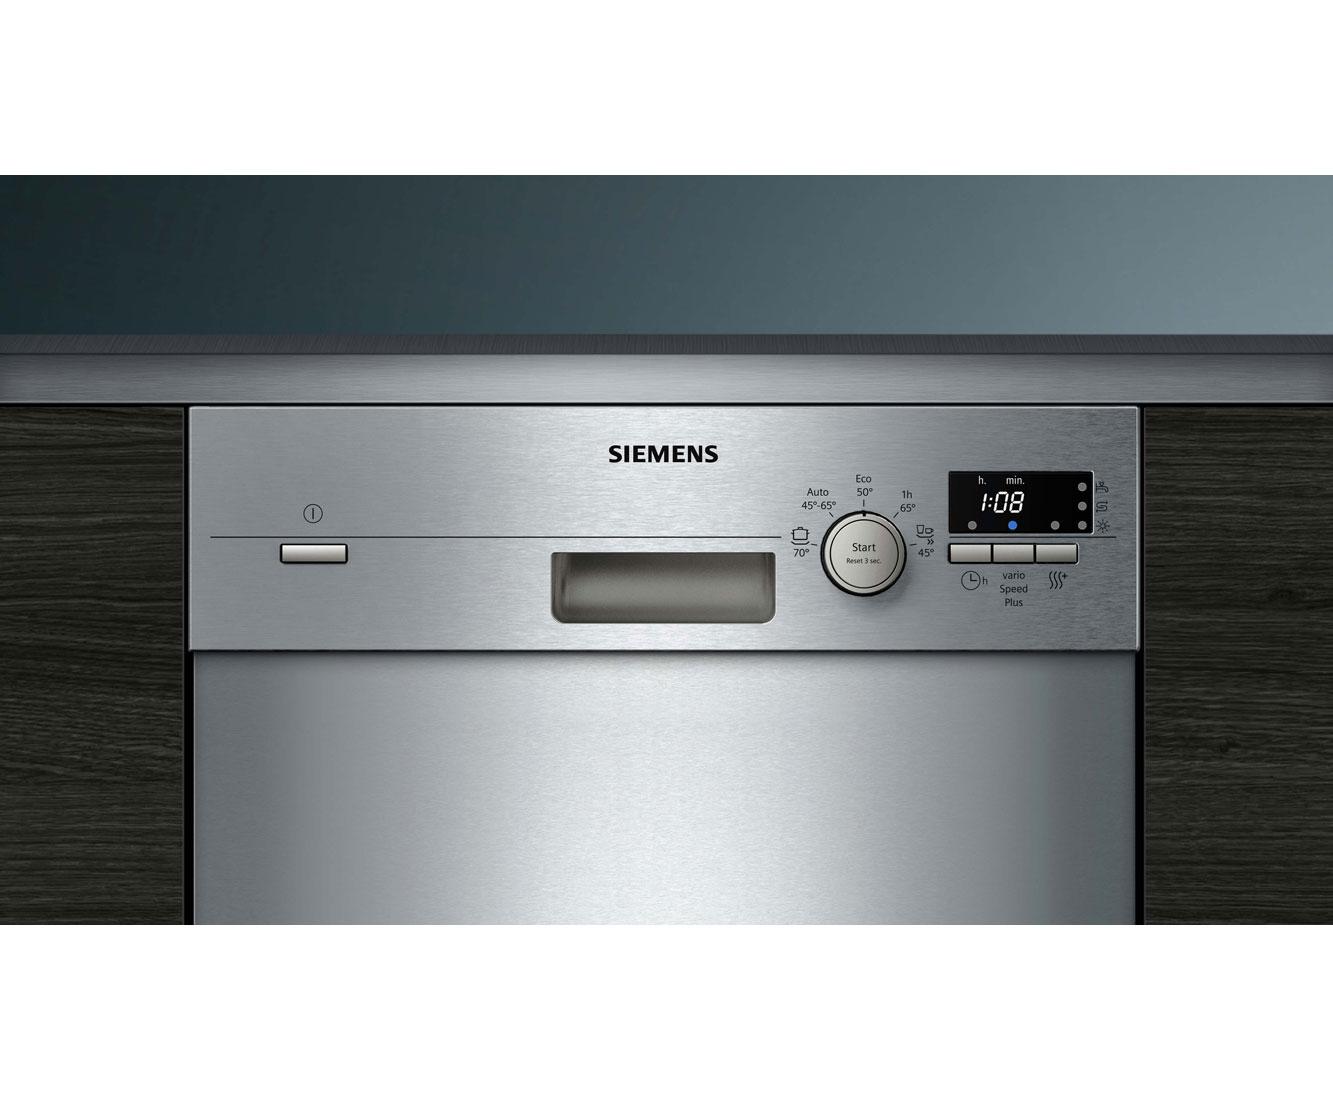 Siemens iQ100 SR415S03CE Unterbau-Geschirrspüler - 45 cm, Edelstahl, A+